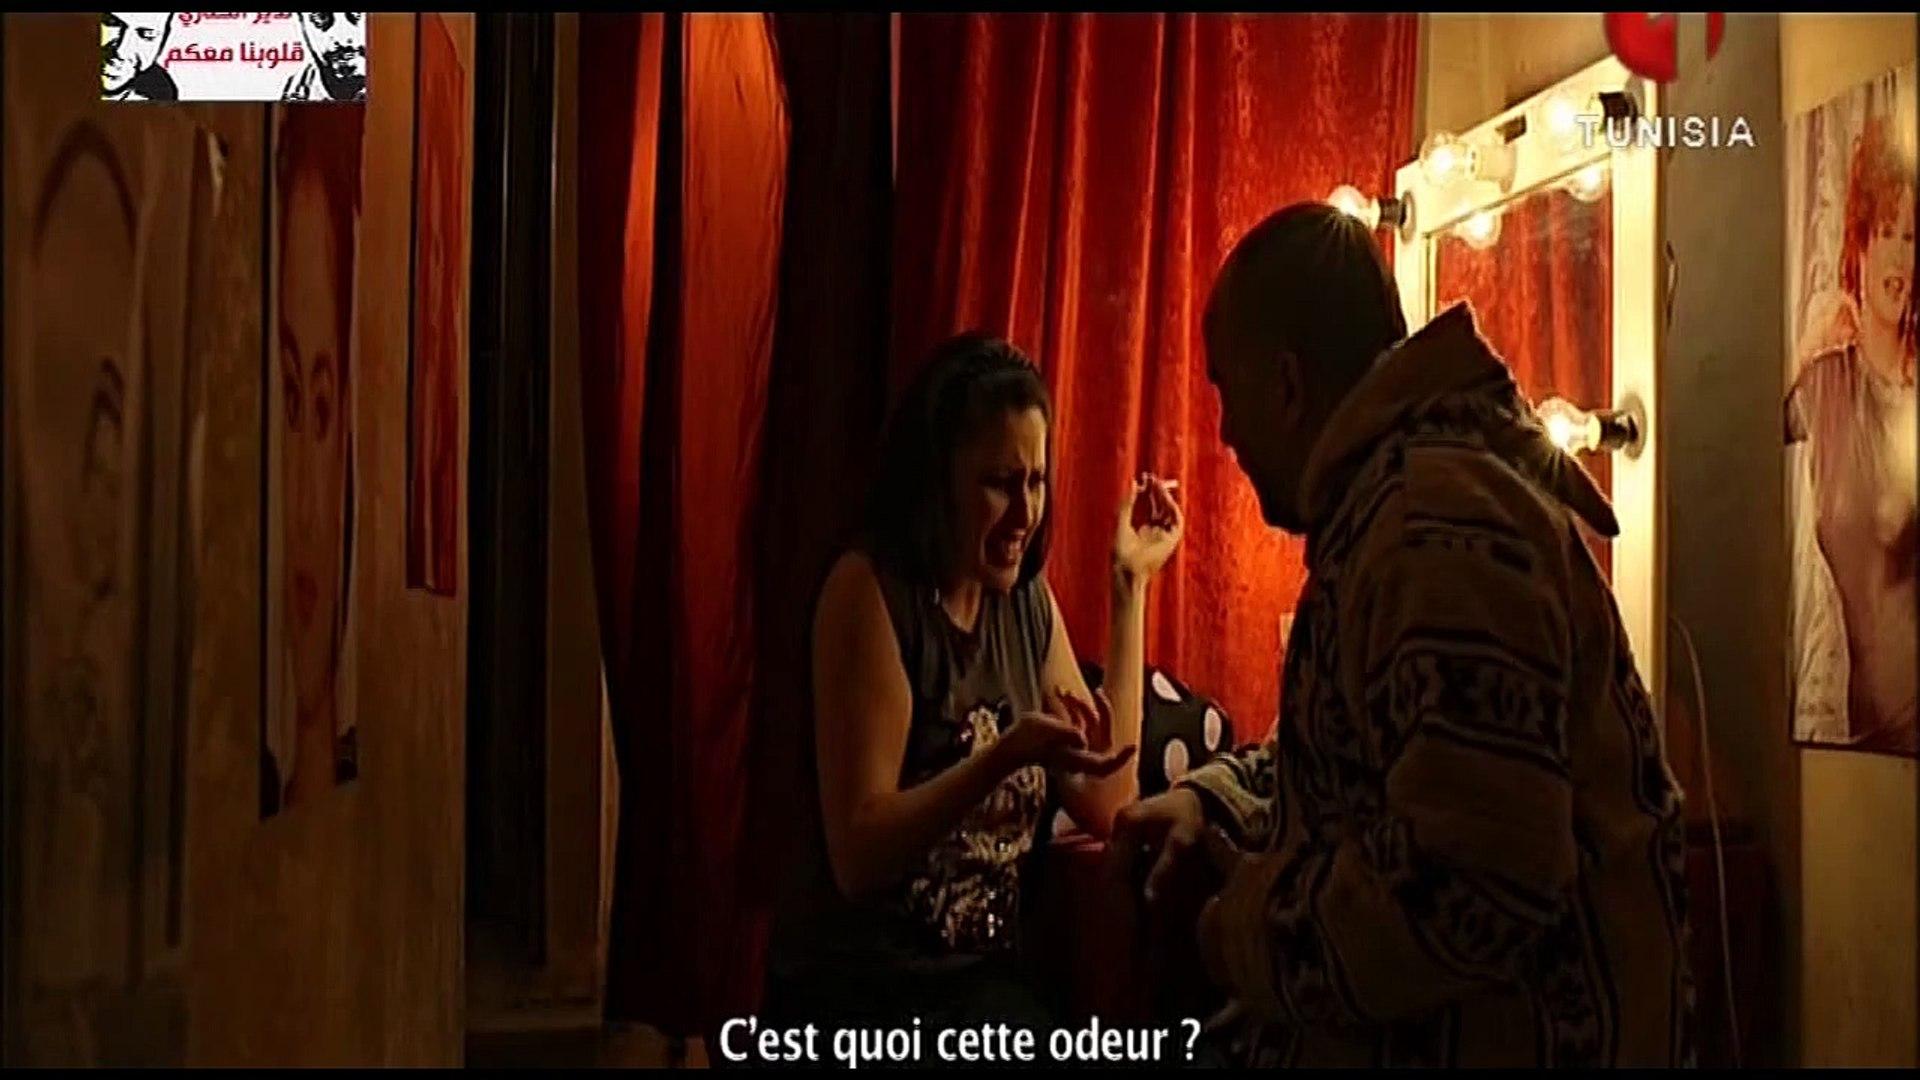 HEZ YA TÉLÉCHARGER FILM WEZ TUNISIEN